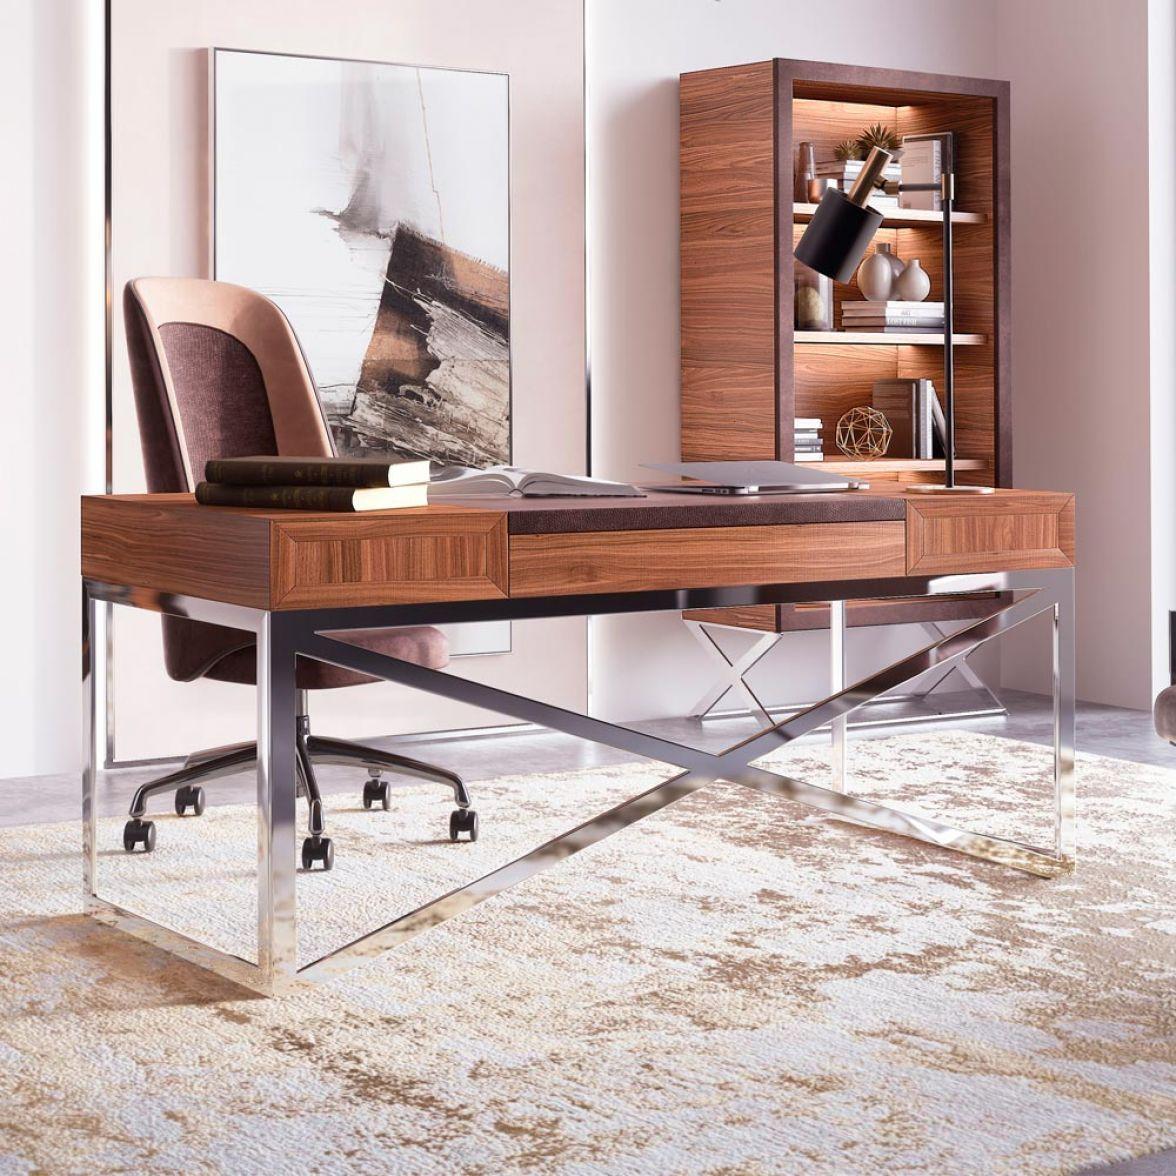 Kuper desk